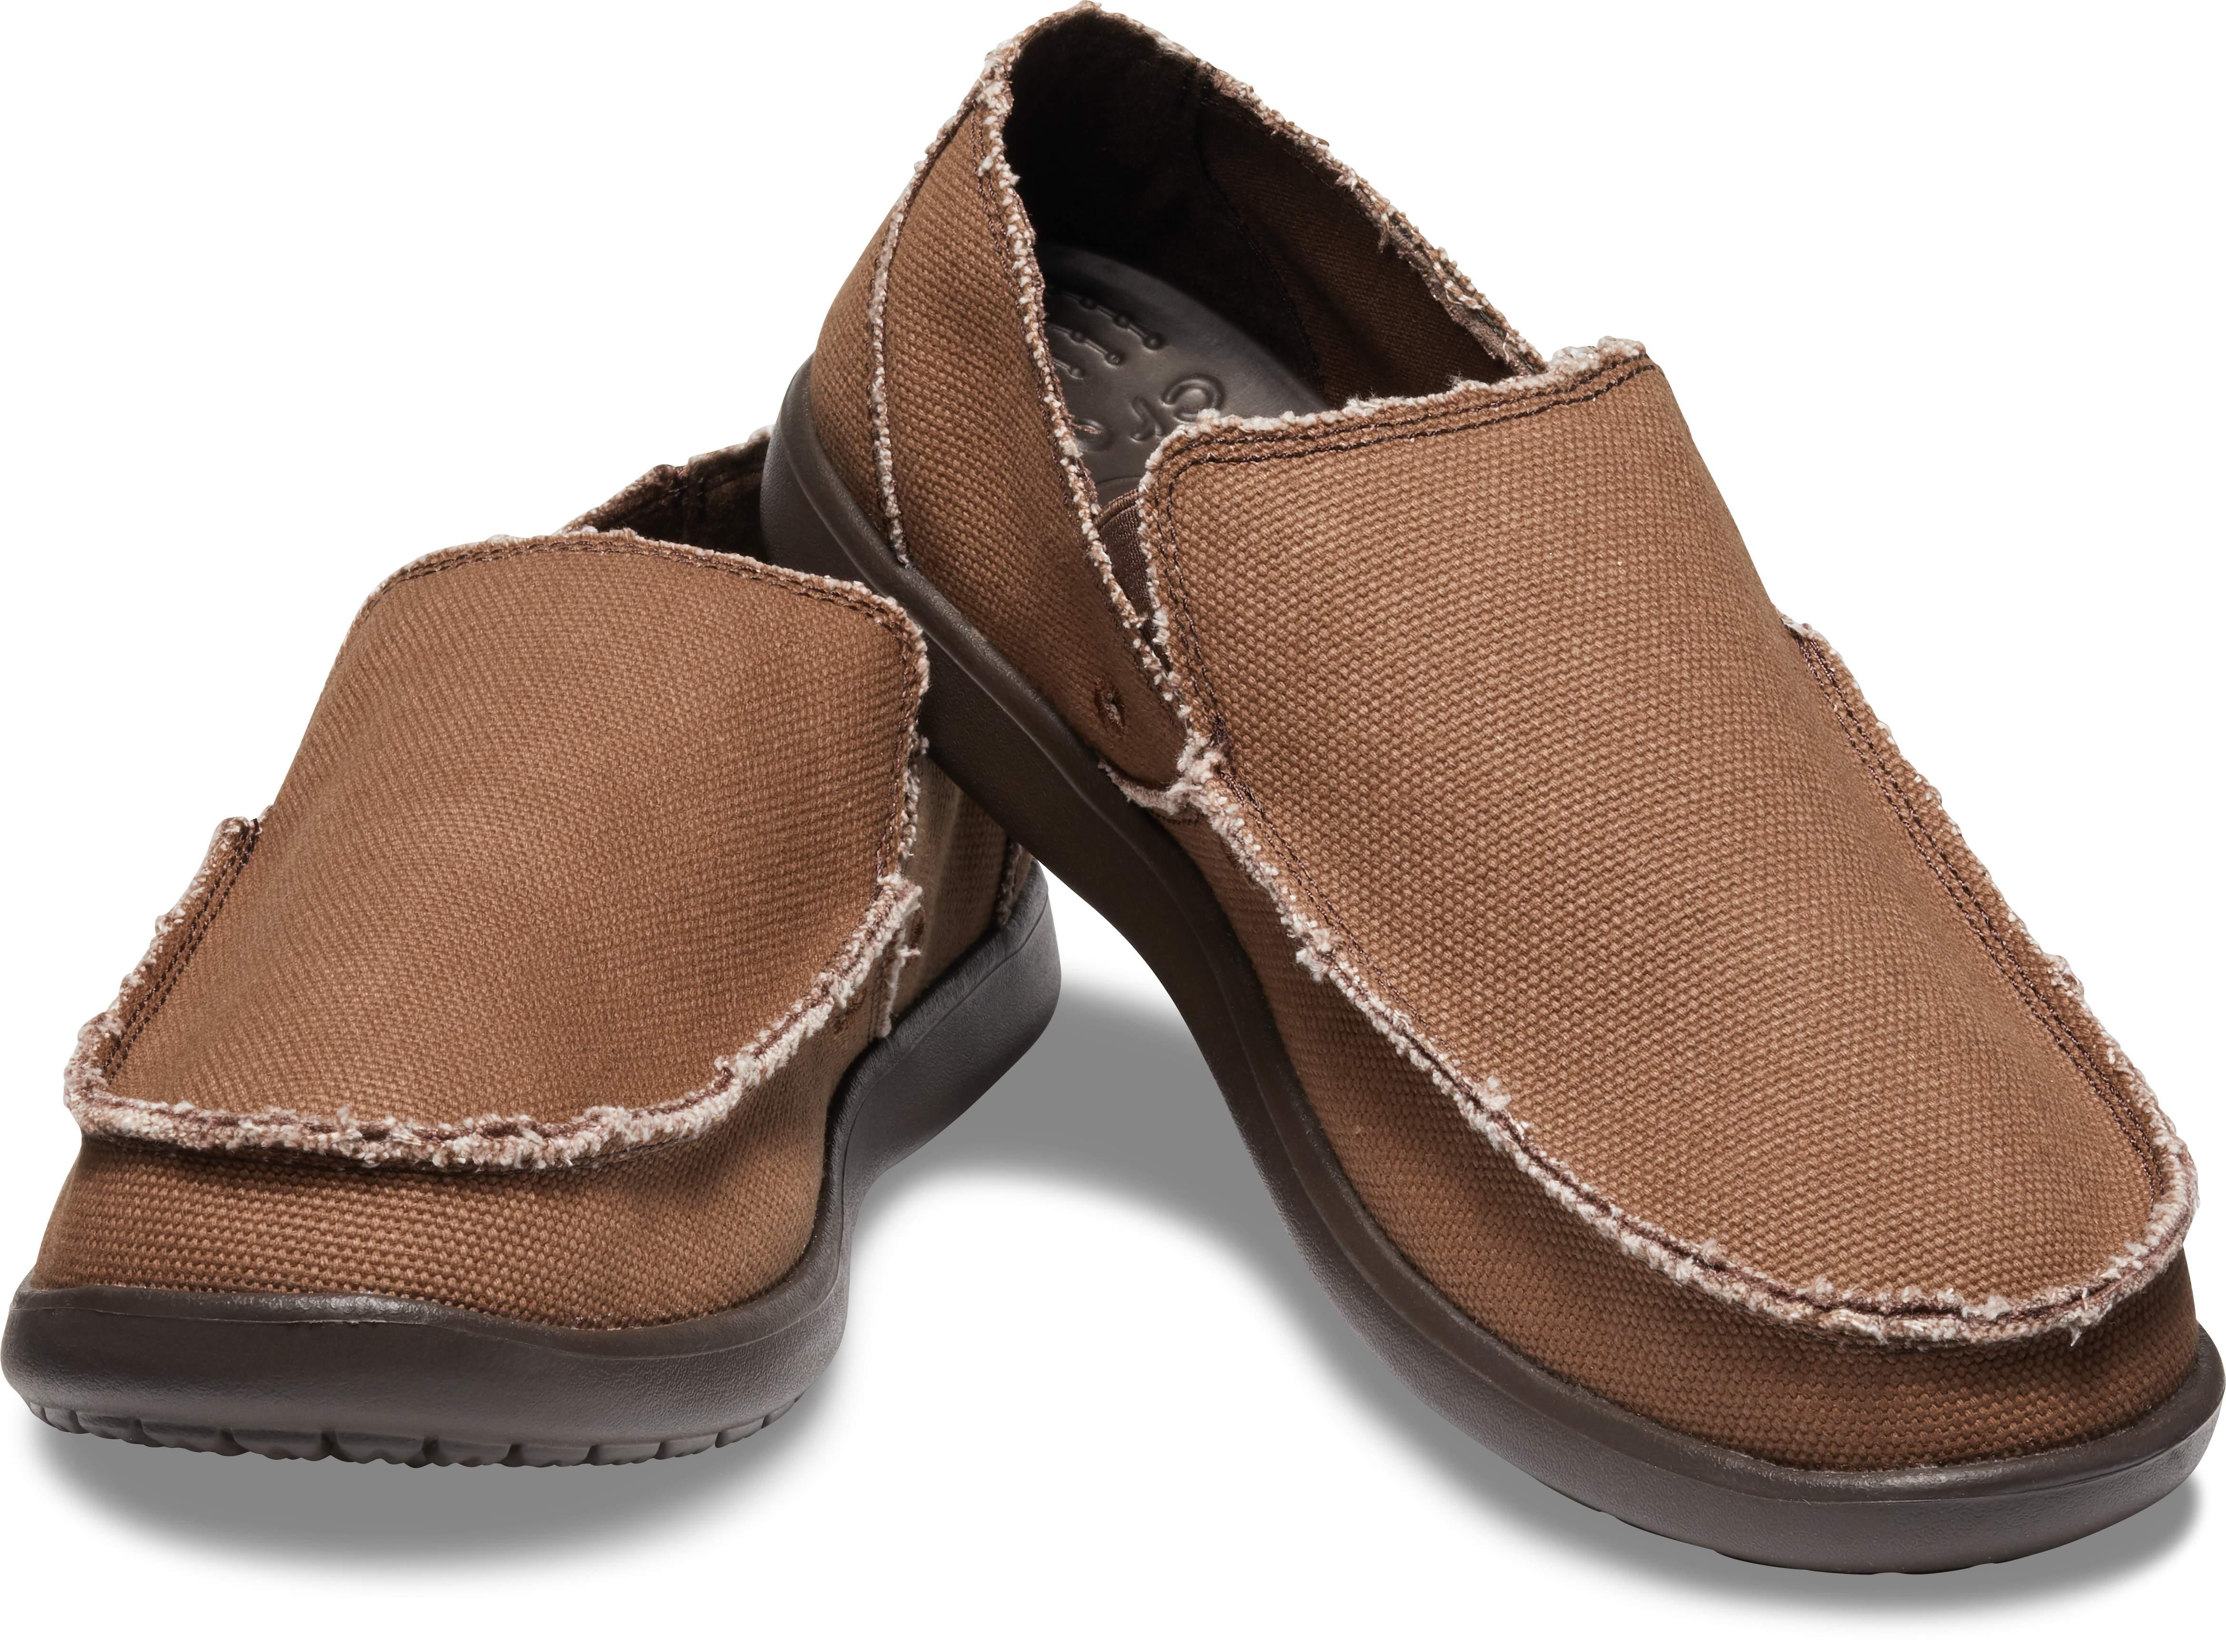 【クロックス公式】 メンズ サンタクルーズ スリップオン Men's Santa Cruz Slip-On メンズ、紳士、男性用 ブラウン/茶 25cm,26cm,27cm,28cm,29cm loafer ローファー 靴